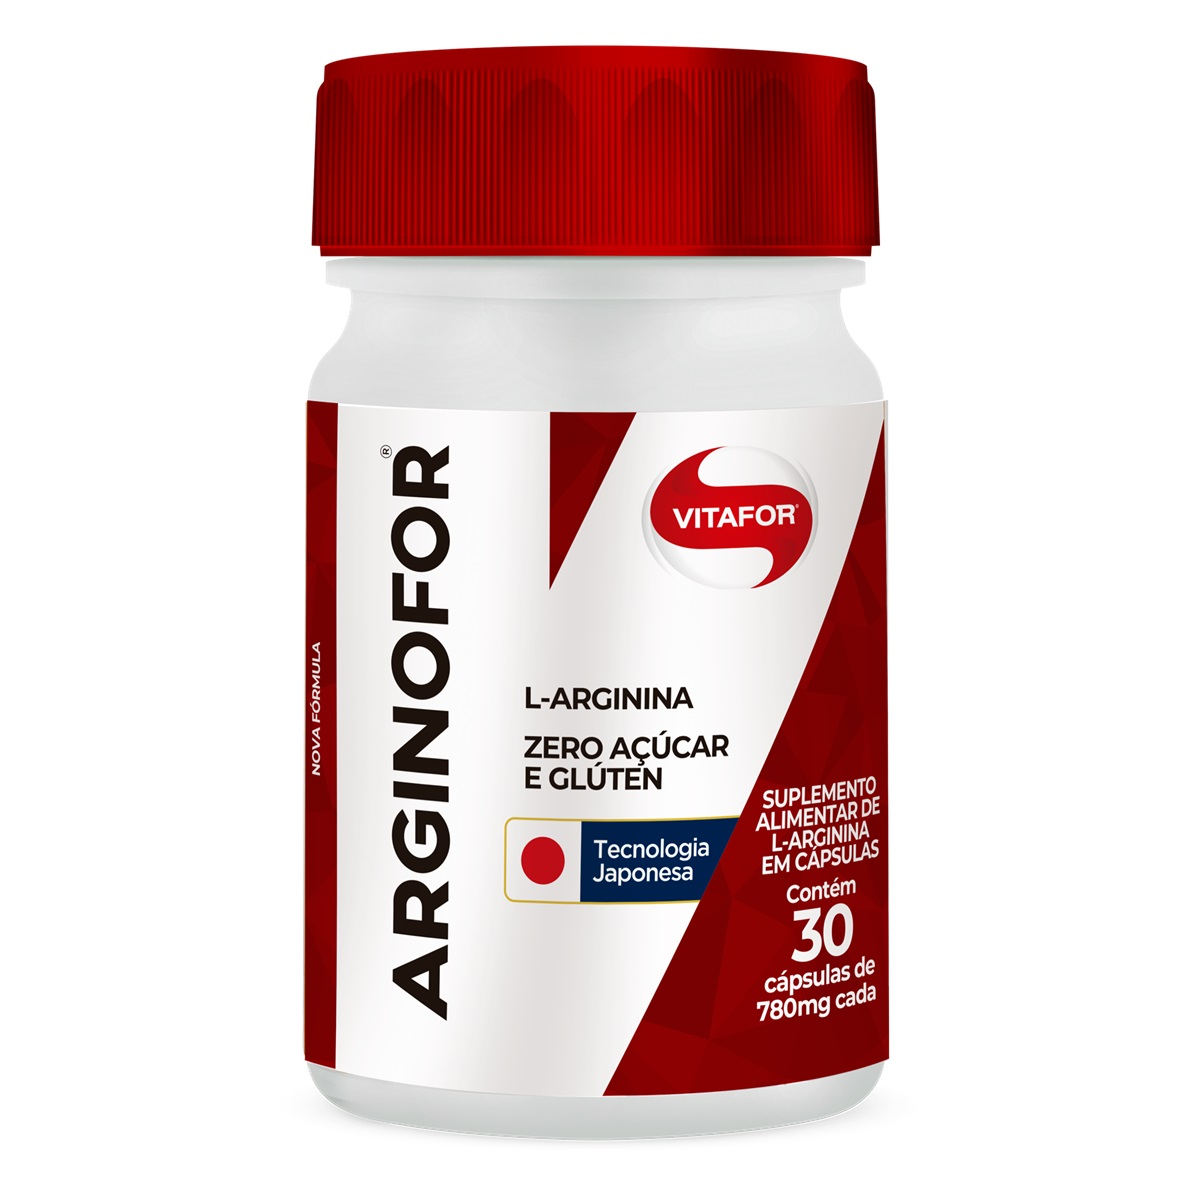 ARGINOFOR L-Arginina (30 Cápsulas de 780mg) - VitaFor